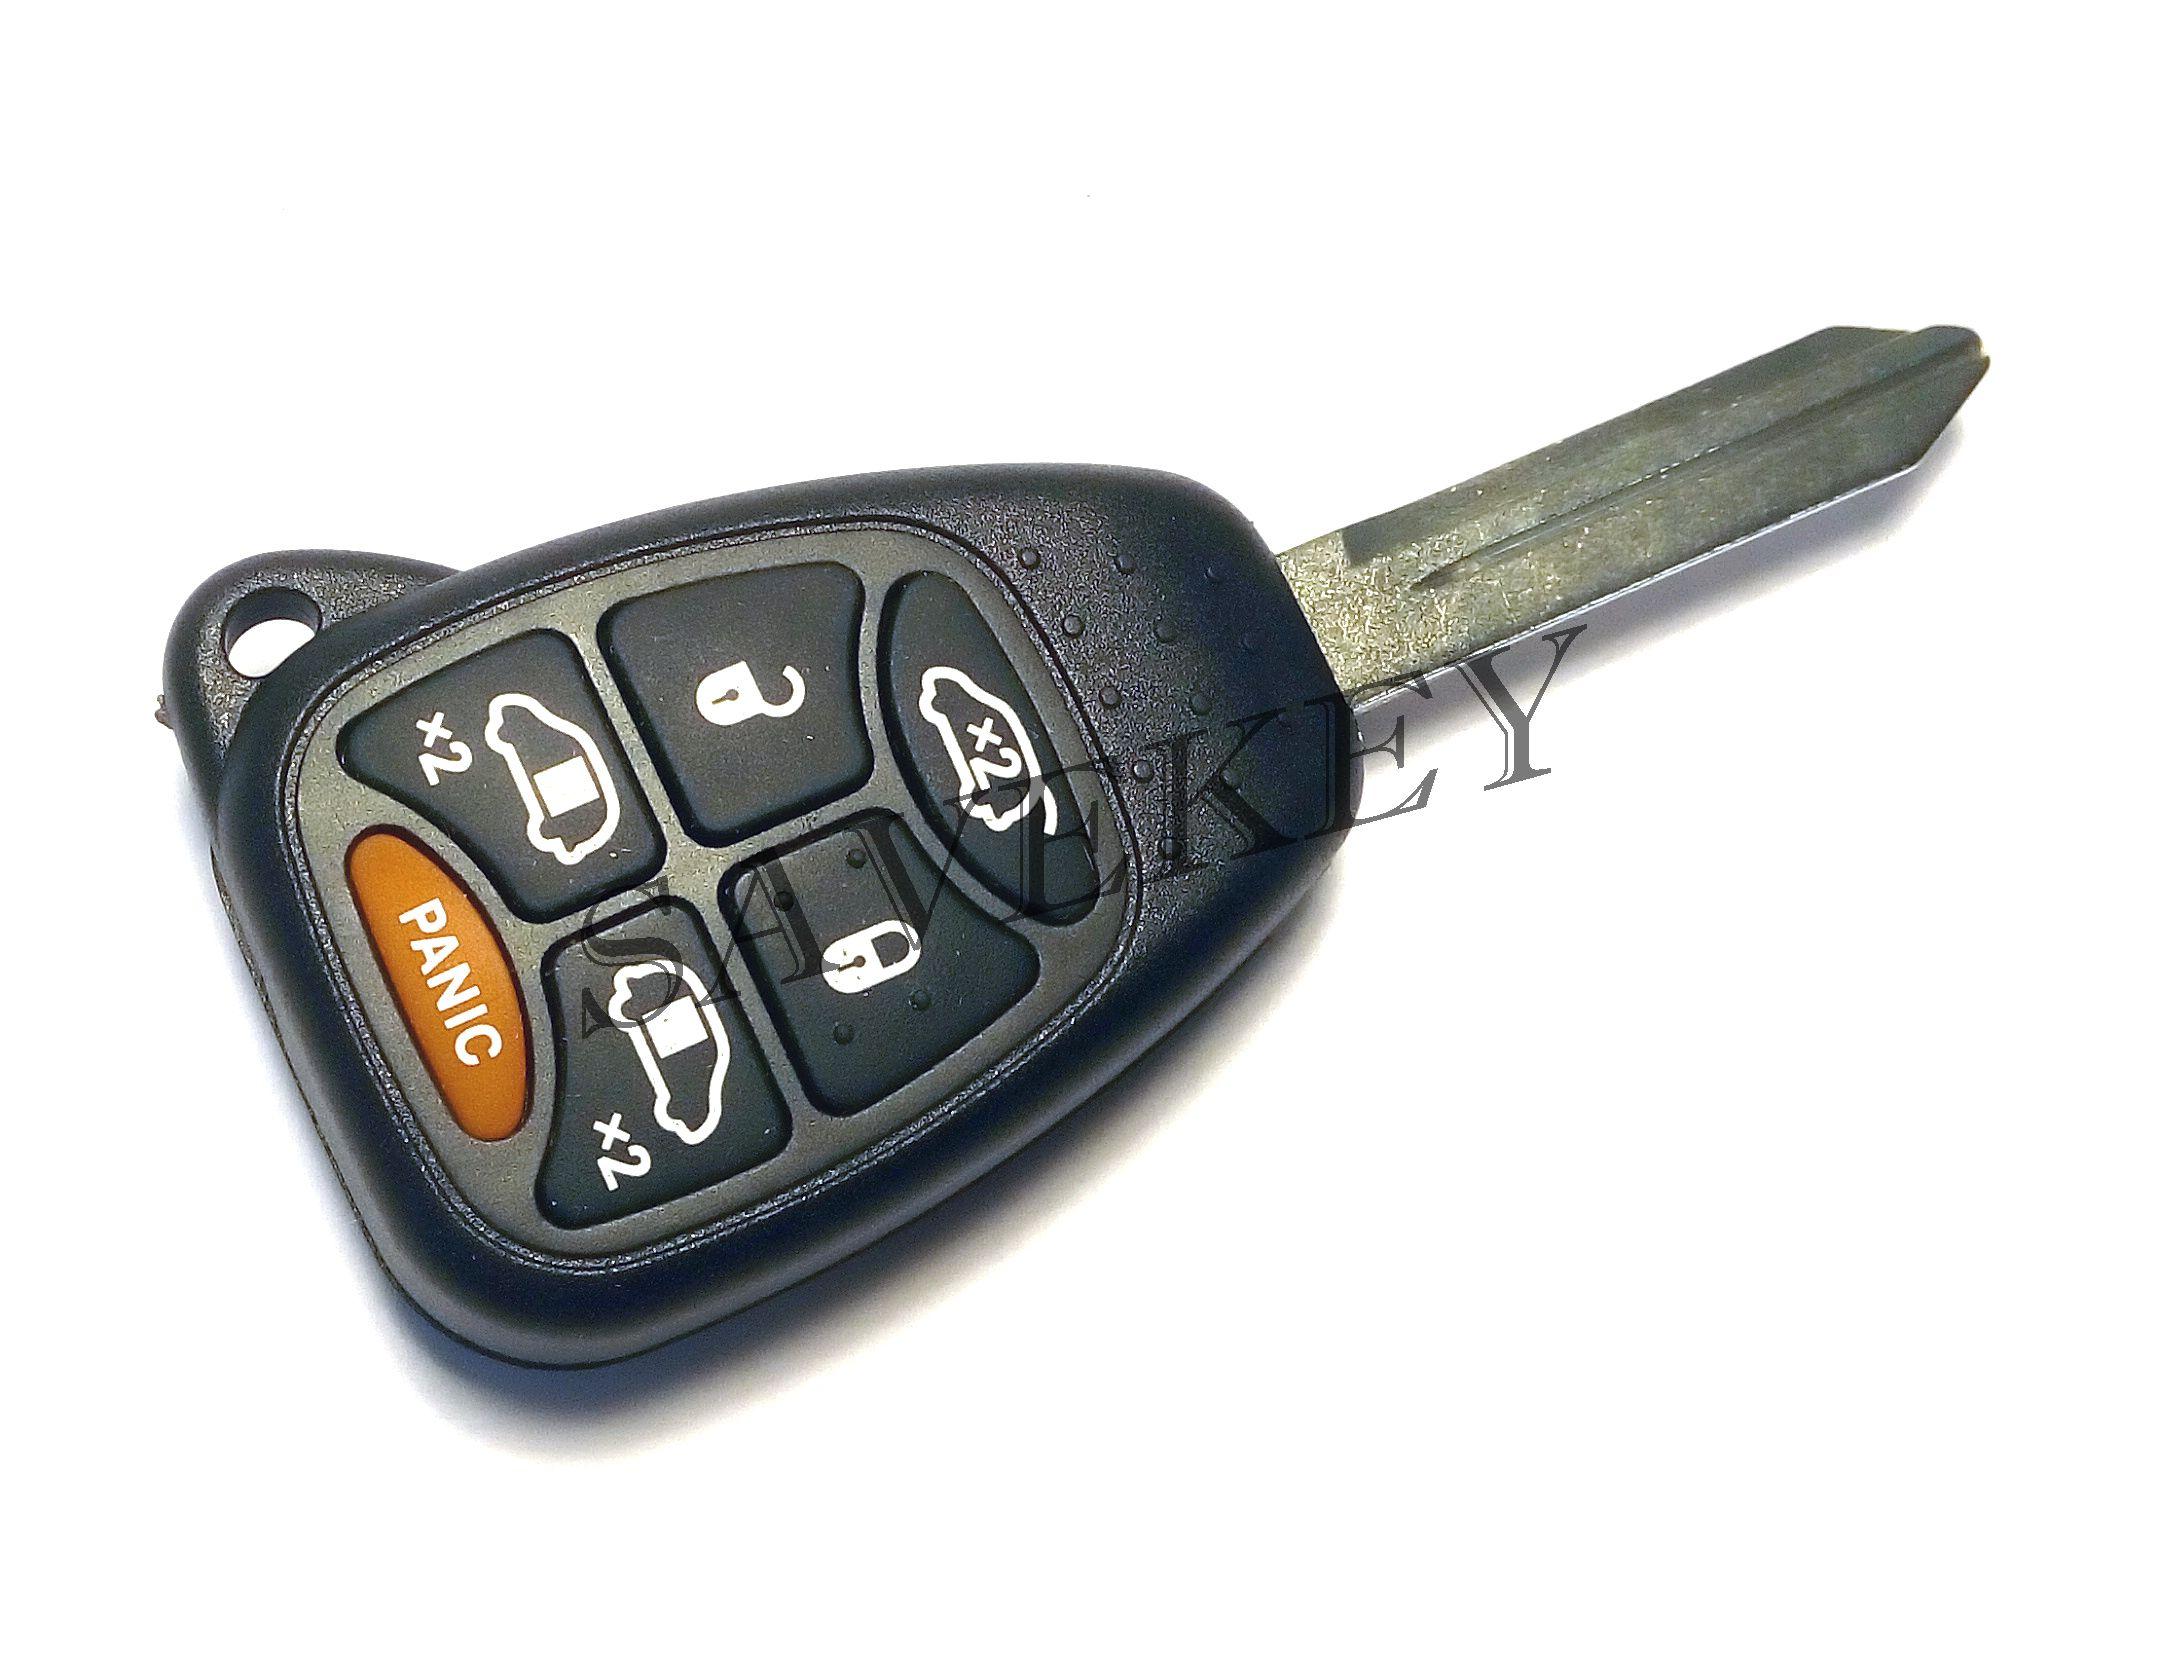 Дистанционный ключ Chrysler для моделей PT CRUISER 2006-2010,SEBRING 2007-2010,300C 2005-2007,ASPEN 2007-2009 6 кнопок 315 Mhz